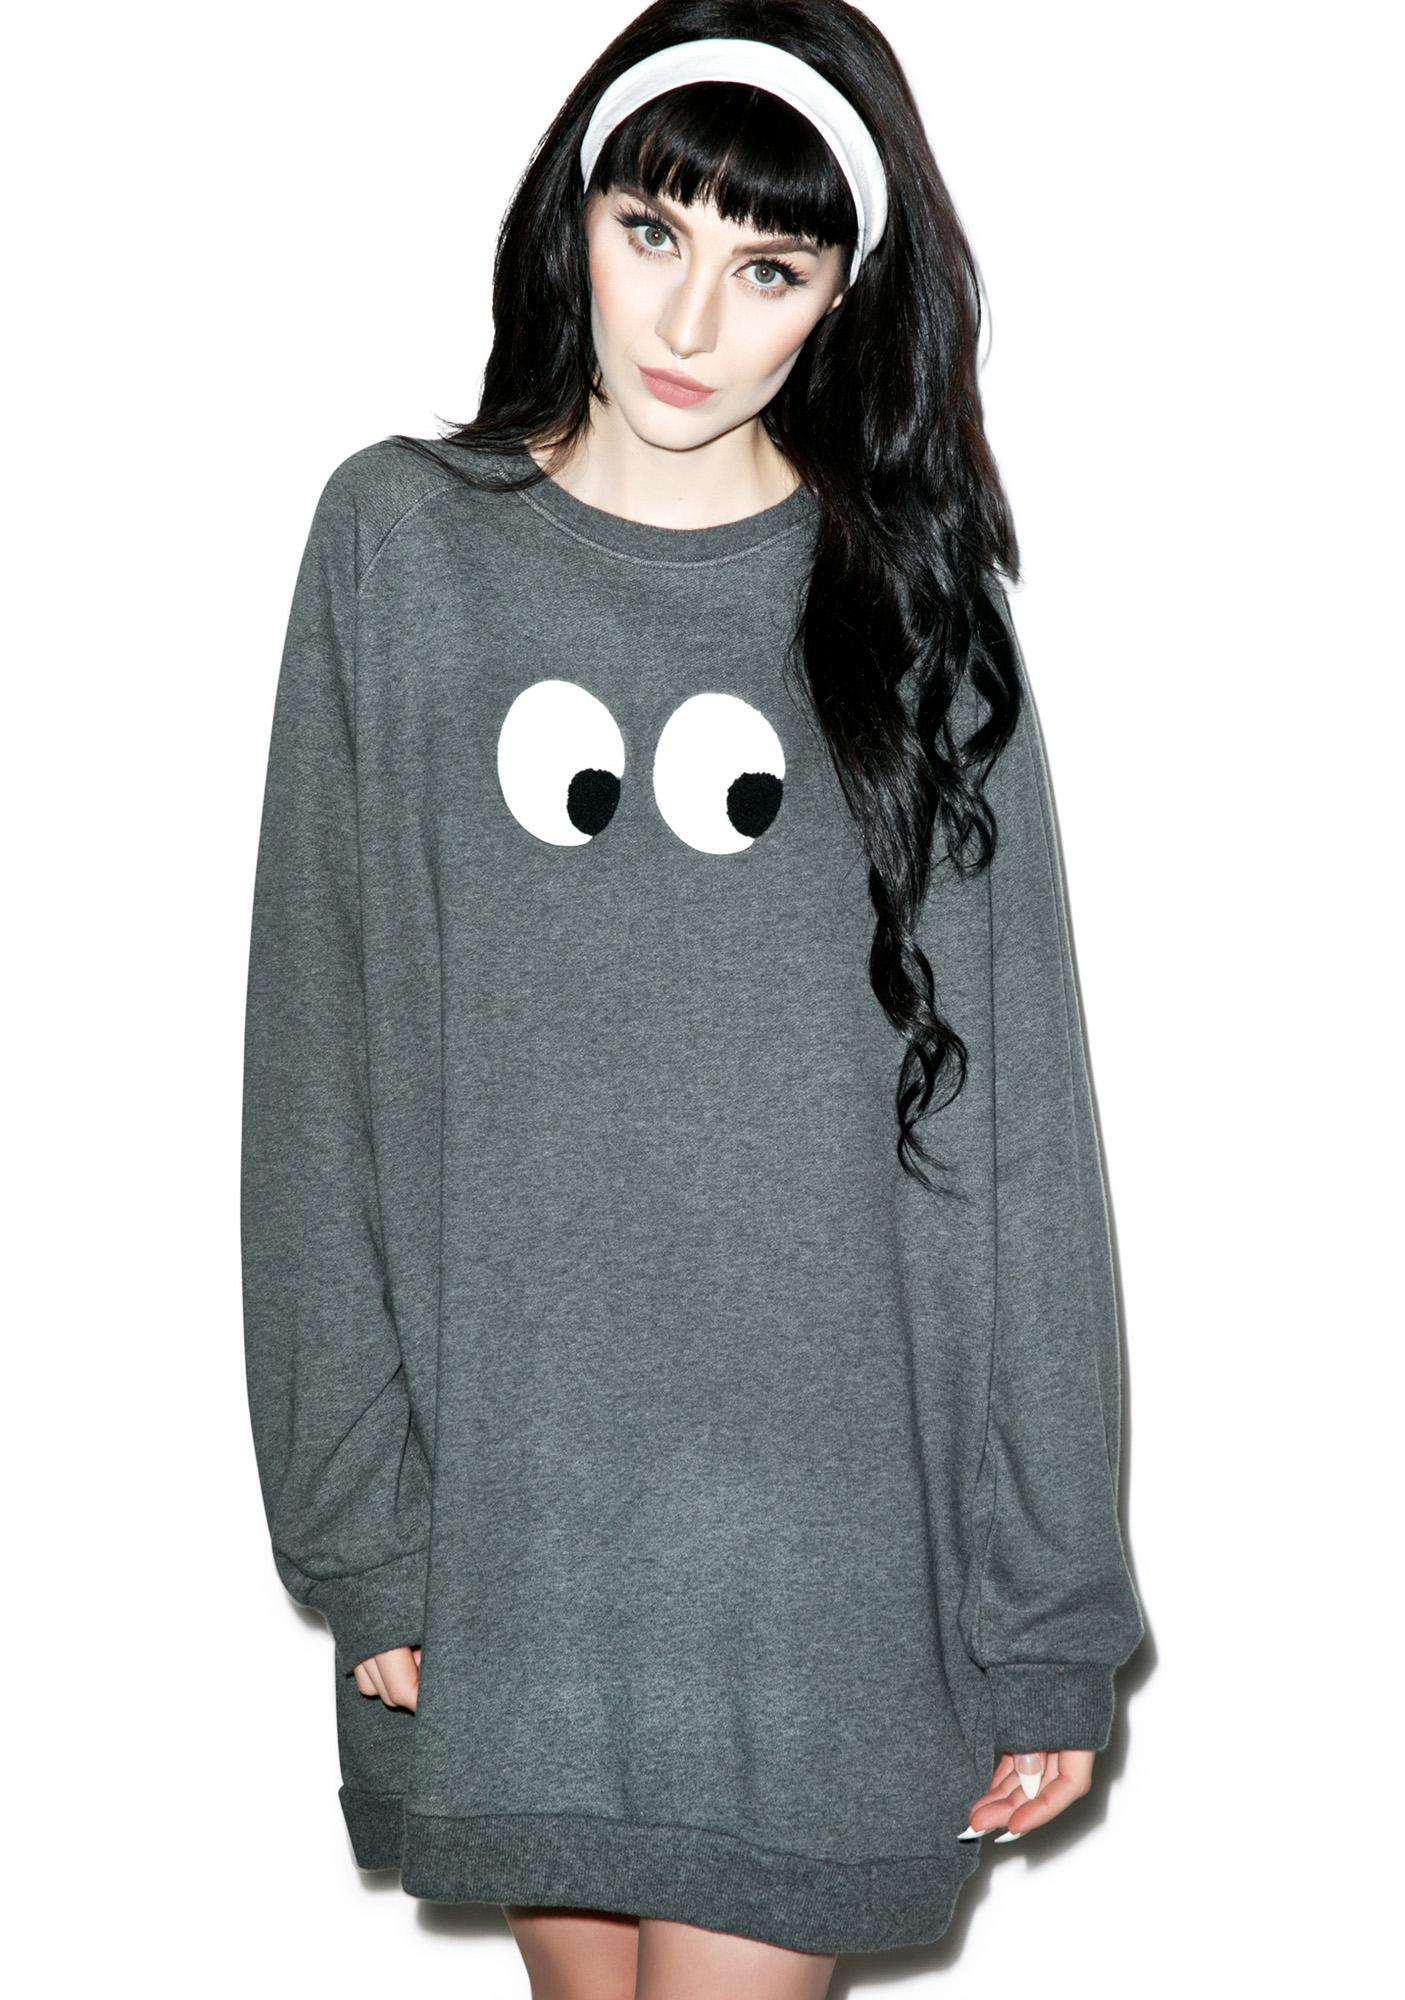 Lazy Oaf Eyeball Sweatshirt